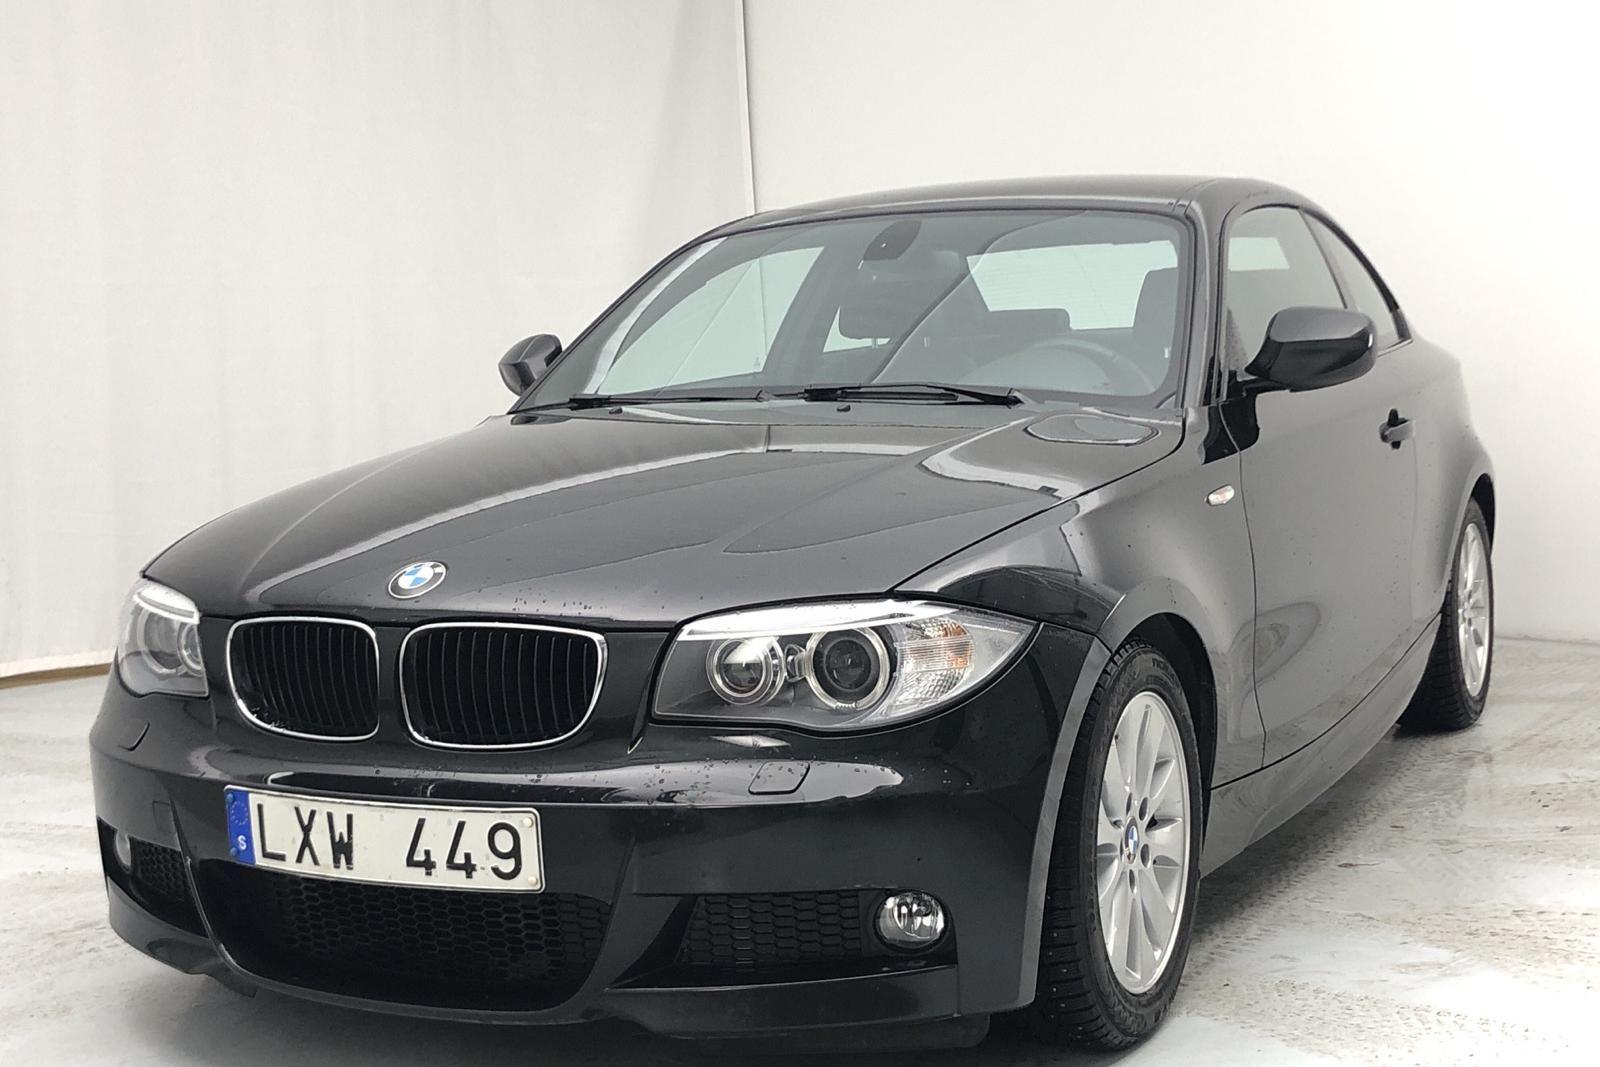 BMW 118d Coupé, E82 (143 PS)